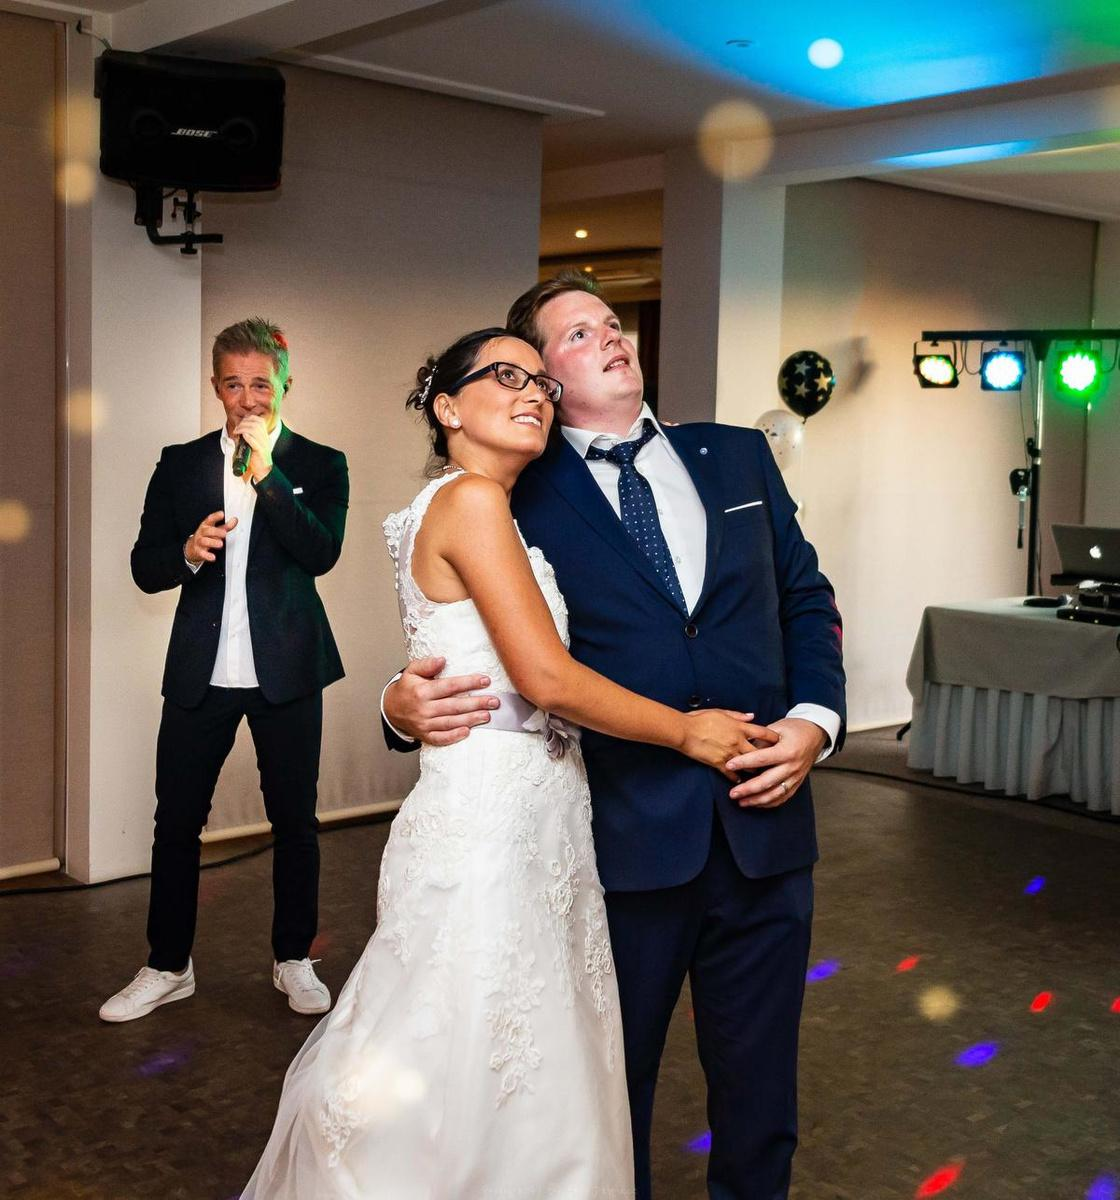 Christoff én Lindsay kwamen zingen op hun trouwfeest.